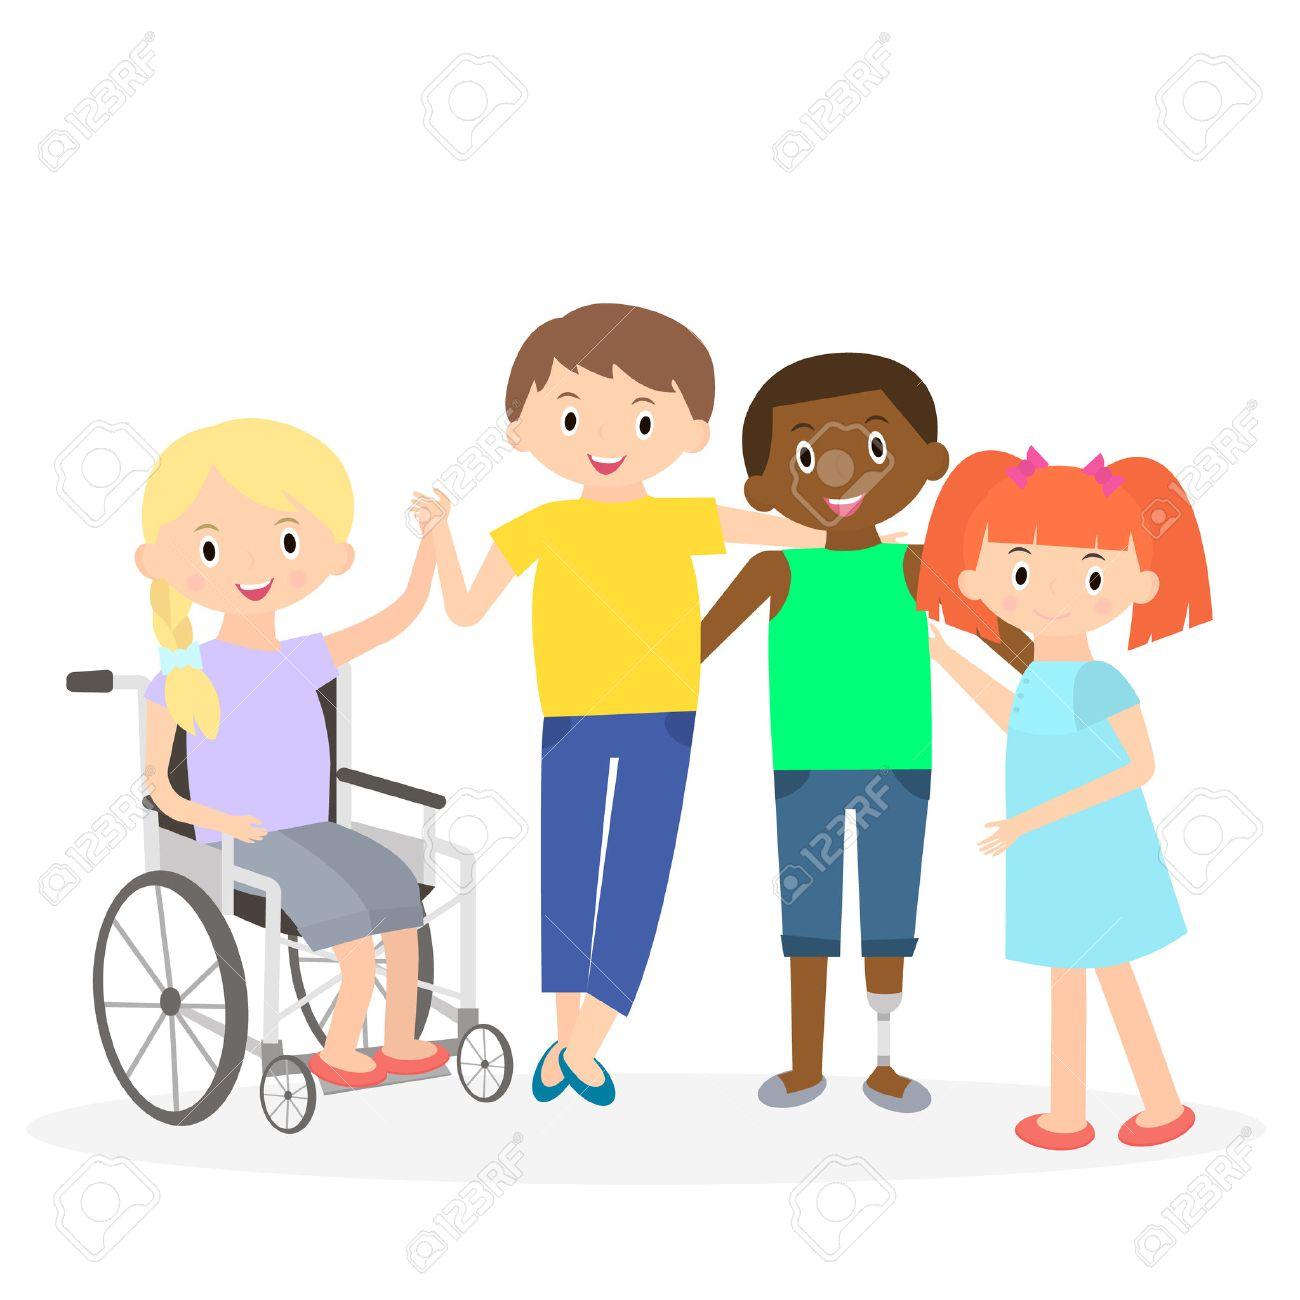 Ninos Discapacitados Con Amigos Los Ninos Discapacitados Aislados